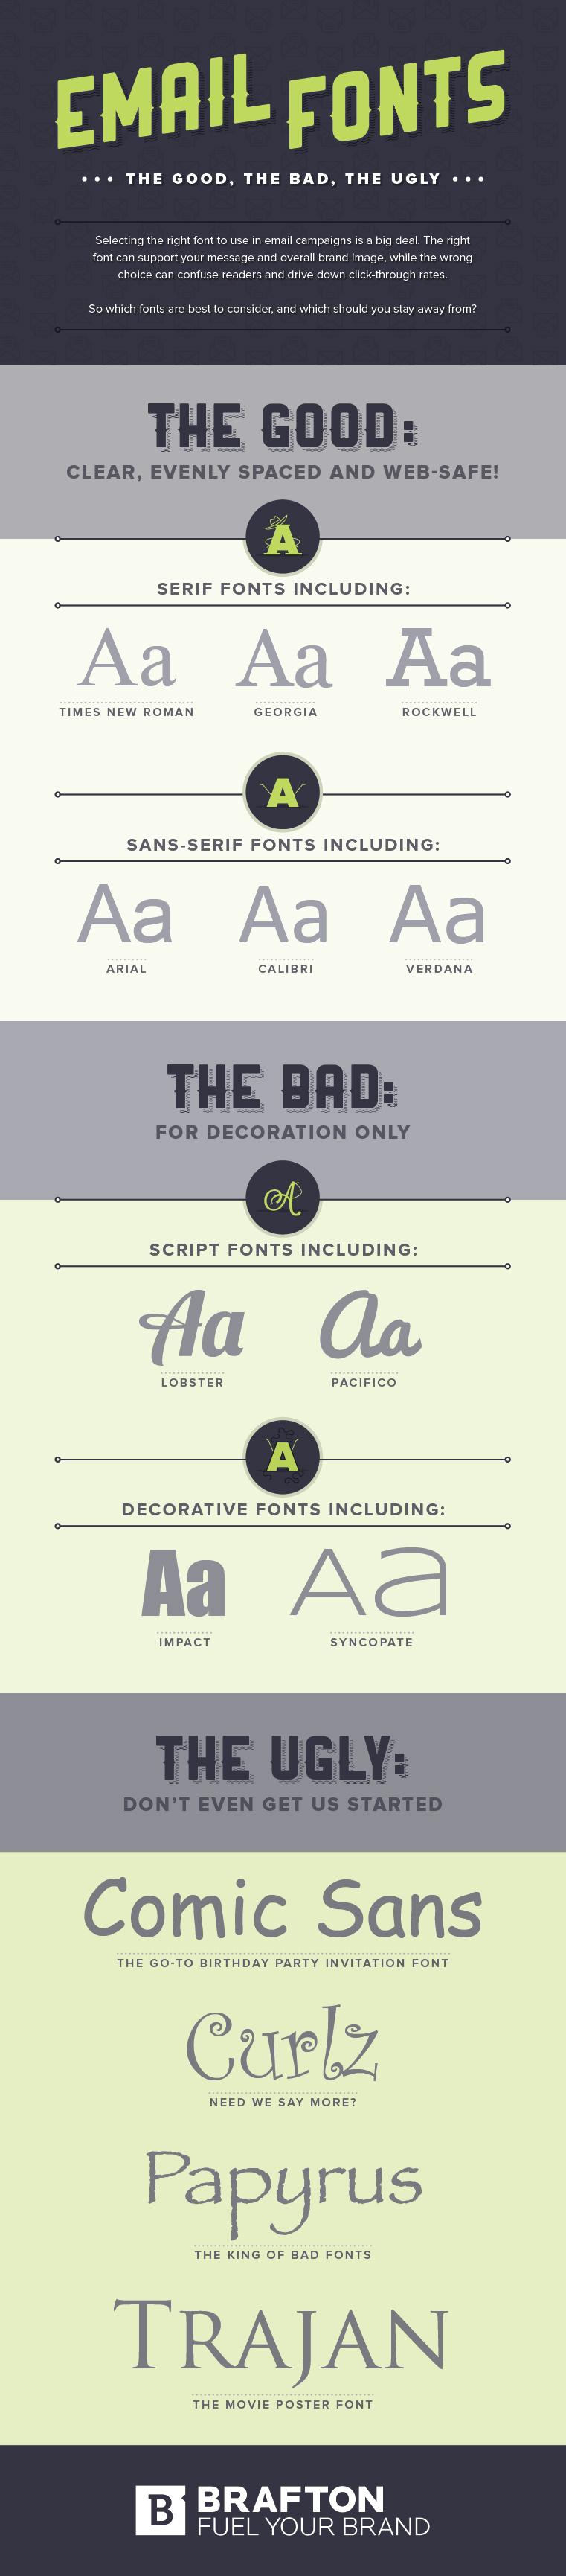 best fonts, worst fonts